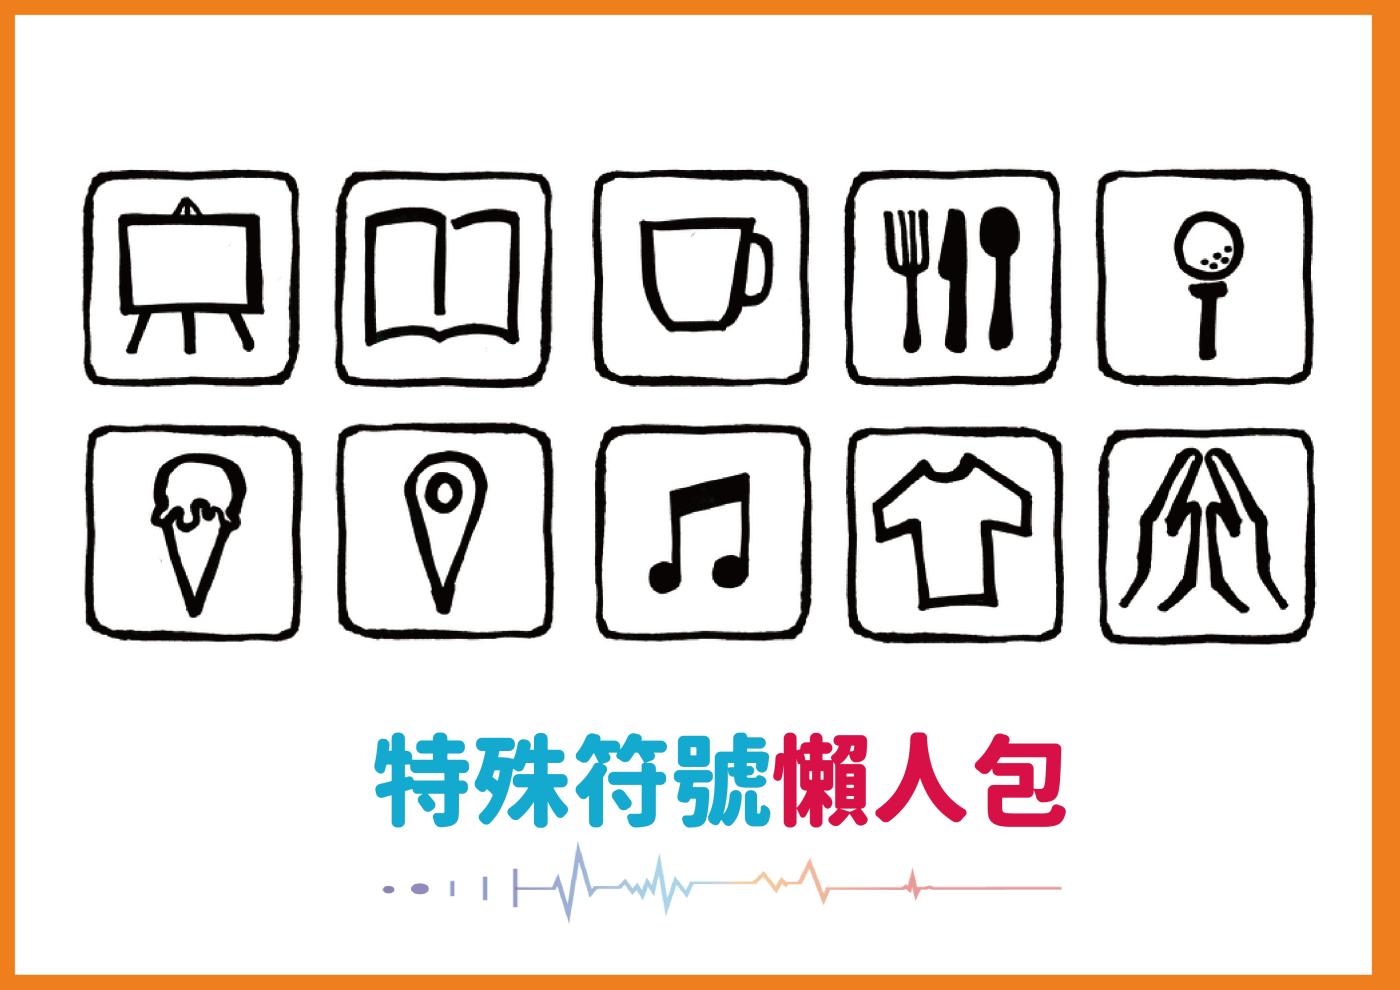 |發文必備|特殊符號 / 音符 / 星星 / 愛心 / 日文五十音 / 韓文字 / 貨幣符號 – aiko's day by day